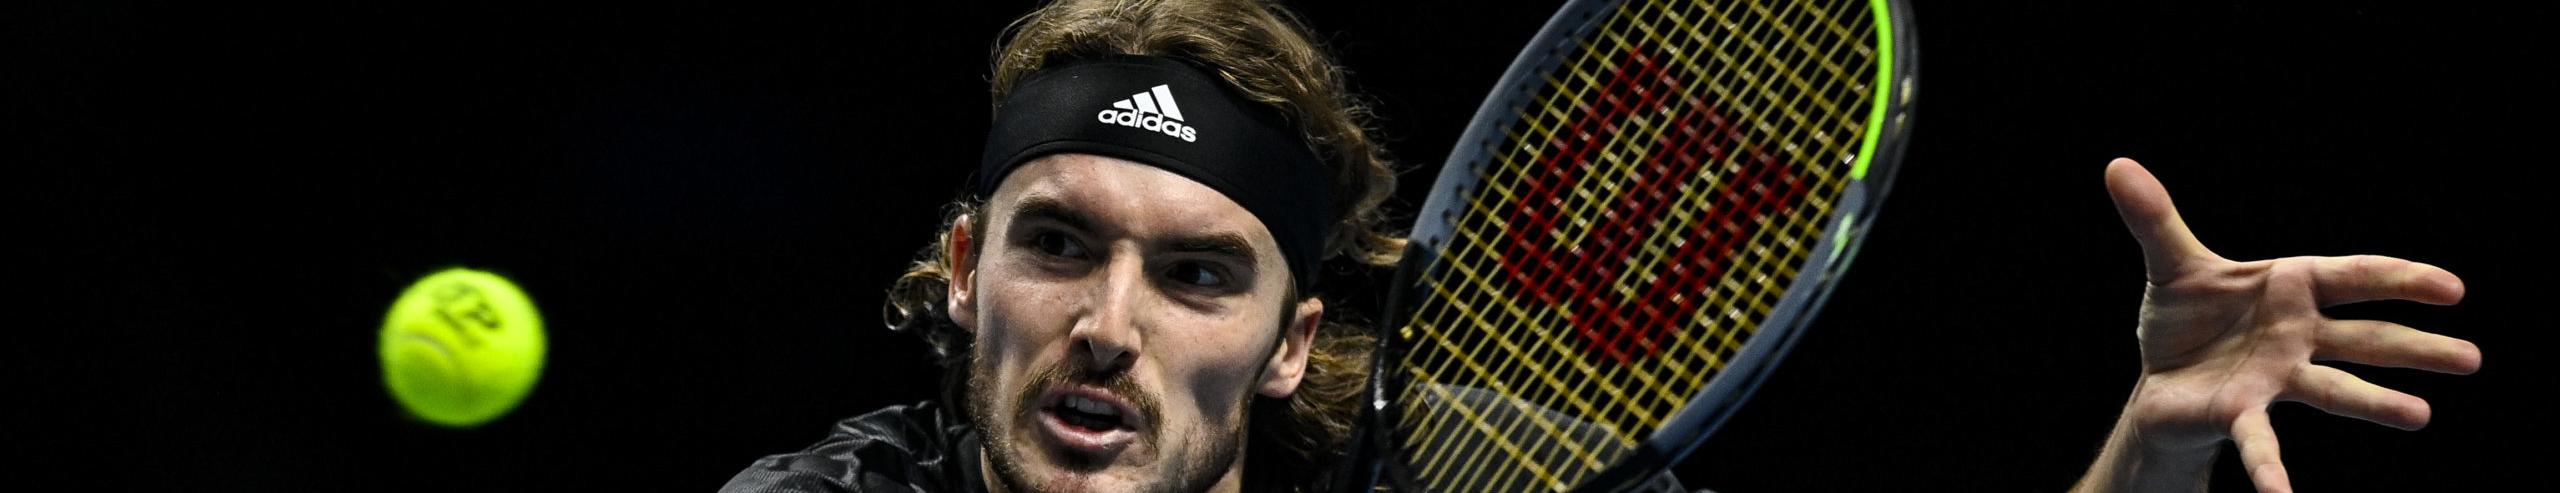 Τσιτσιπάς - Ρούμπλεβ: Όλα για τη νίκη στο ATP Finals!